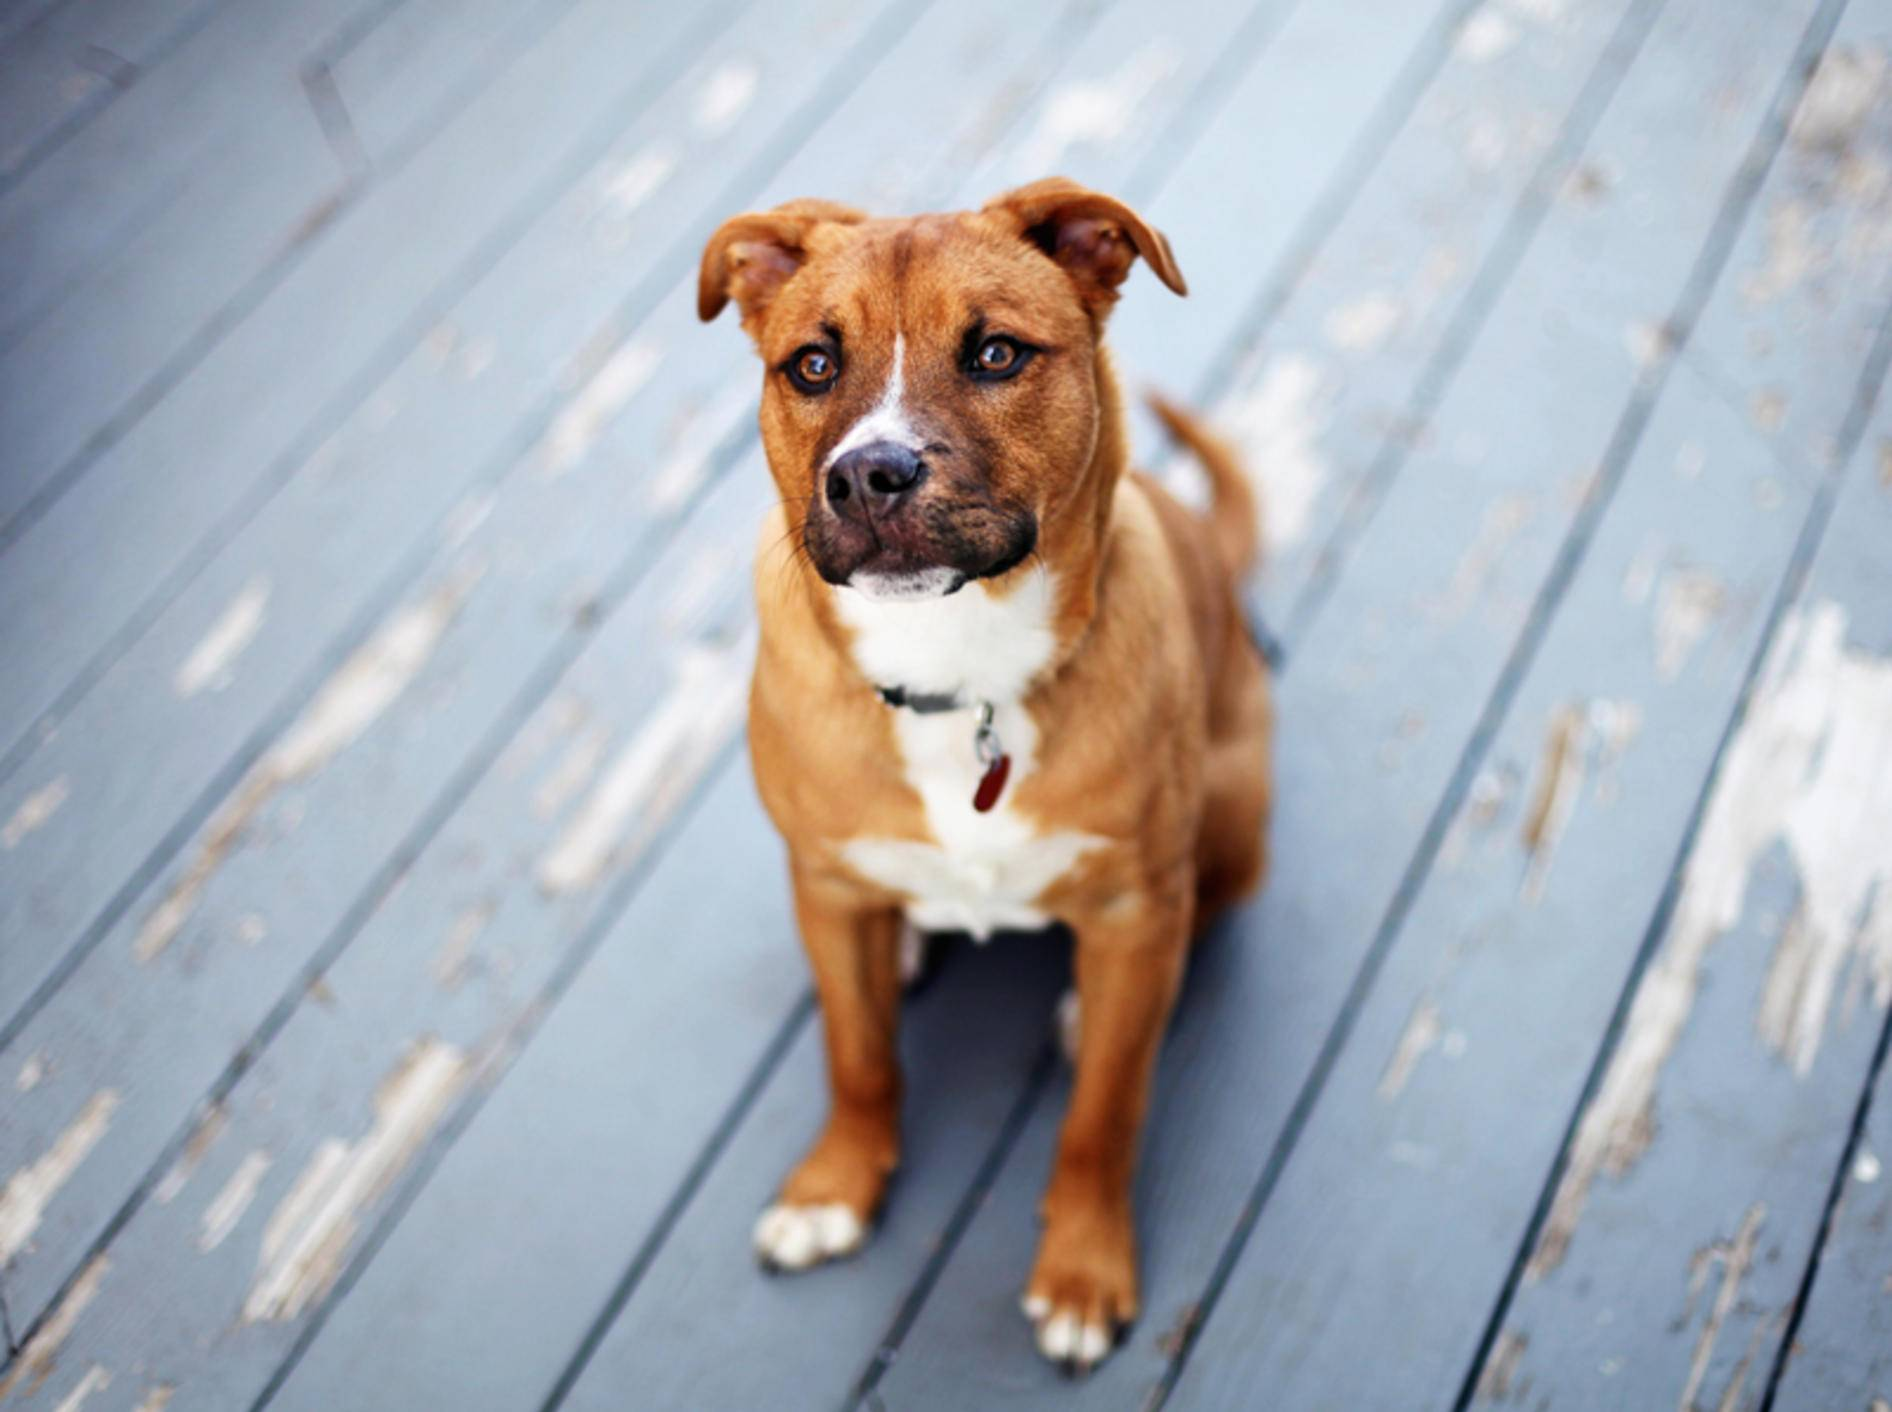 Dieser brave Hund scheint ein Profi in Sachen Impulskontrolle zu sein – Shutterstock / N K